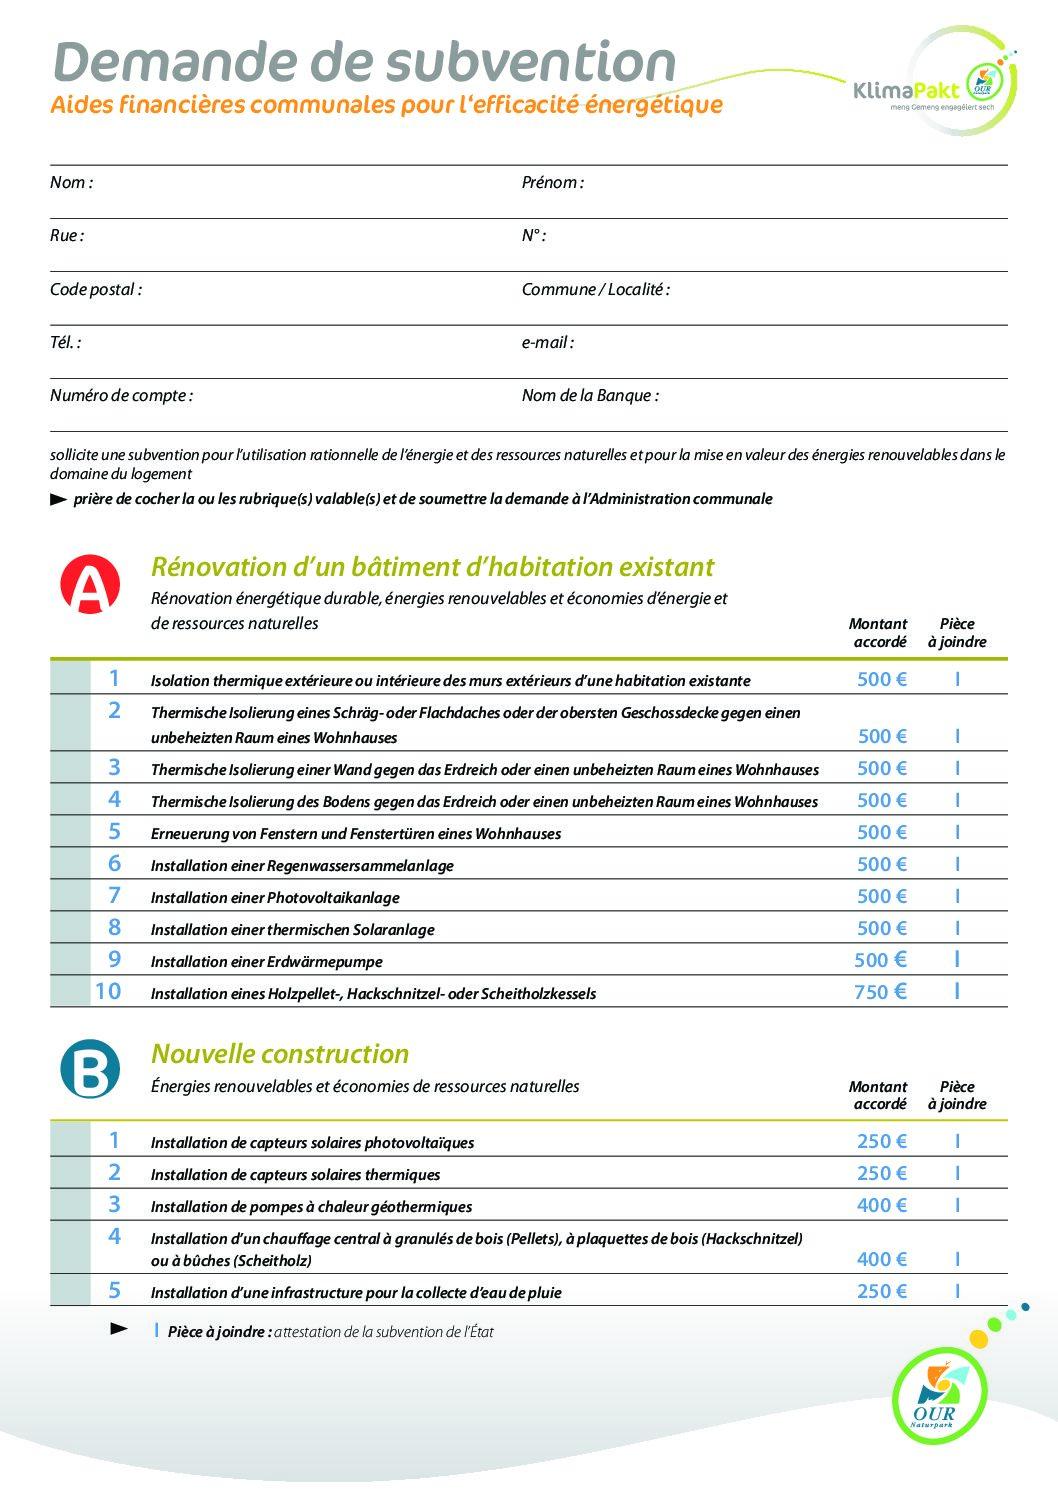 Klimapakt - Aides financières communales pour l'efficacité énergétique - Formulaire